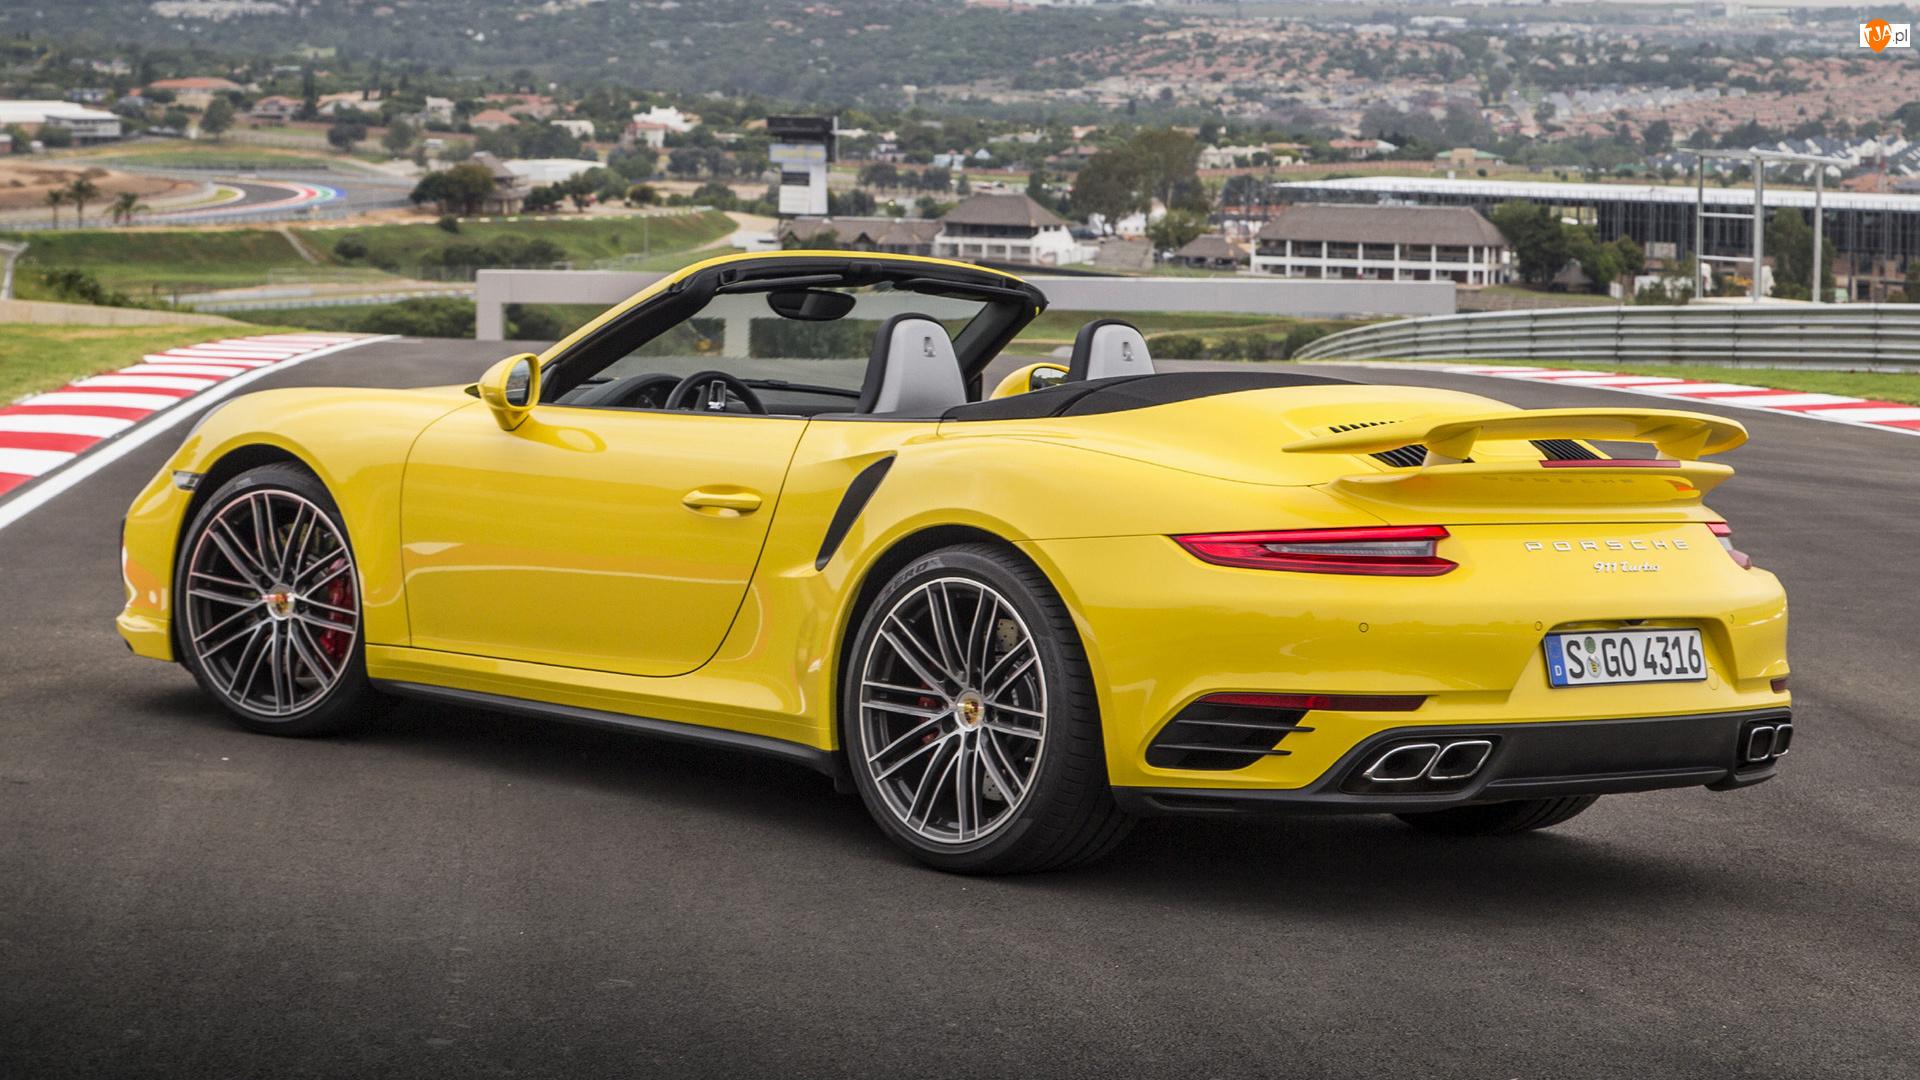 Cabrio, Porsche 911 Turbo